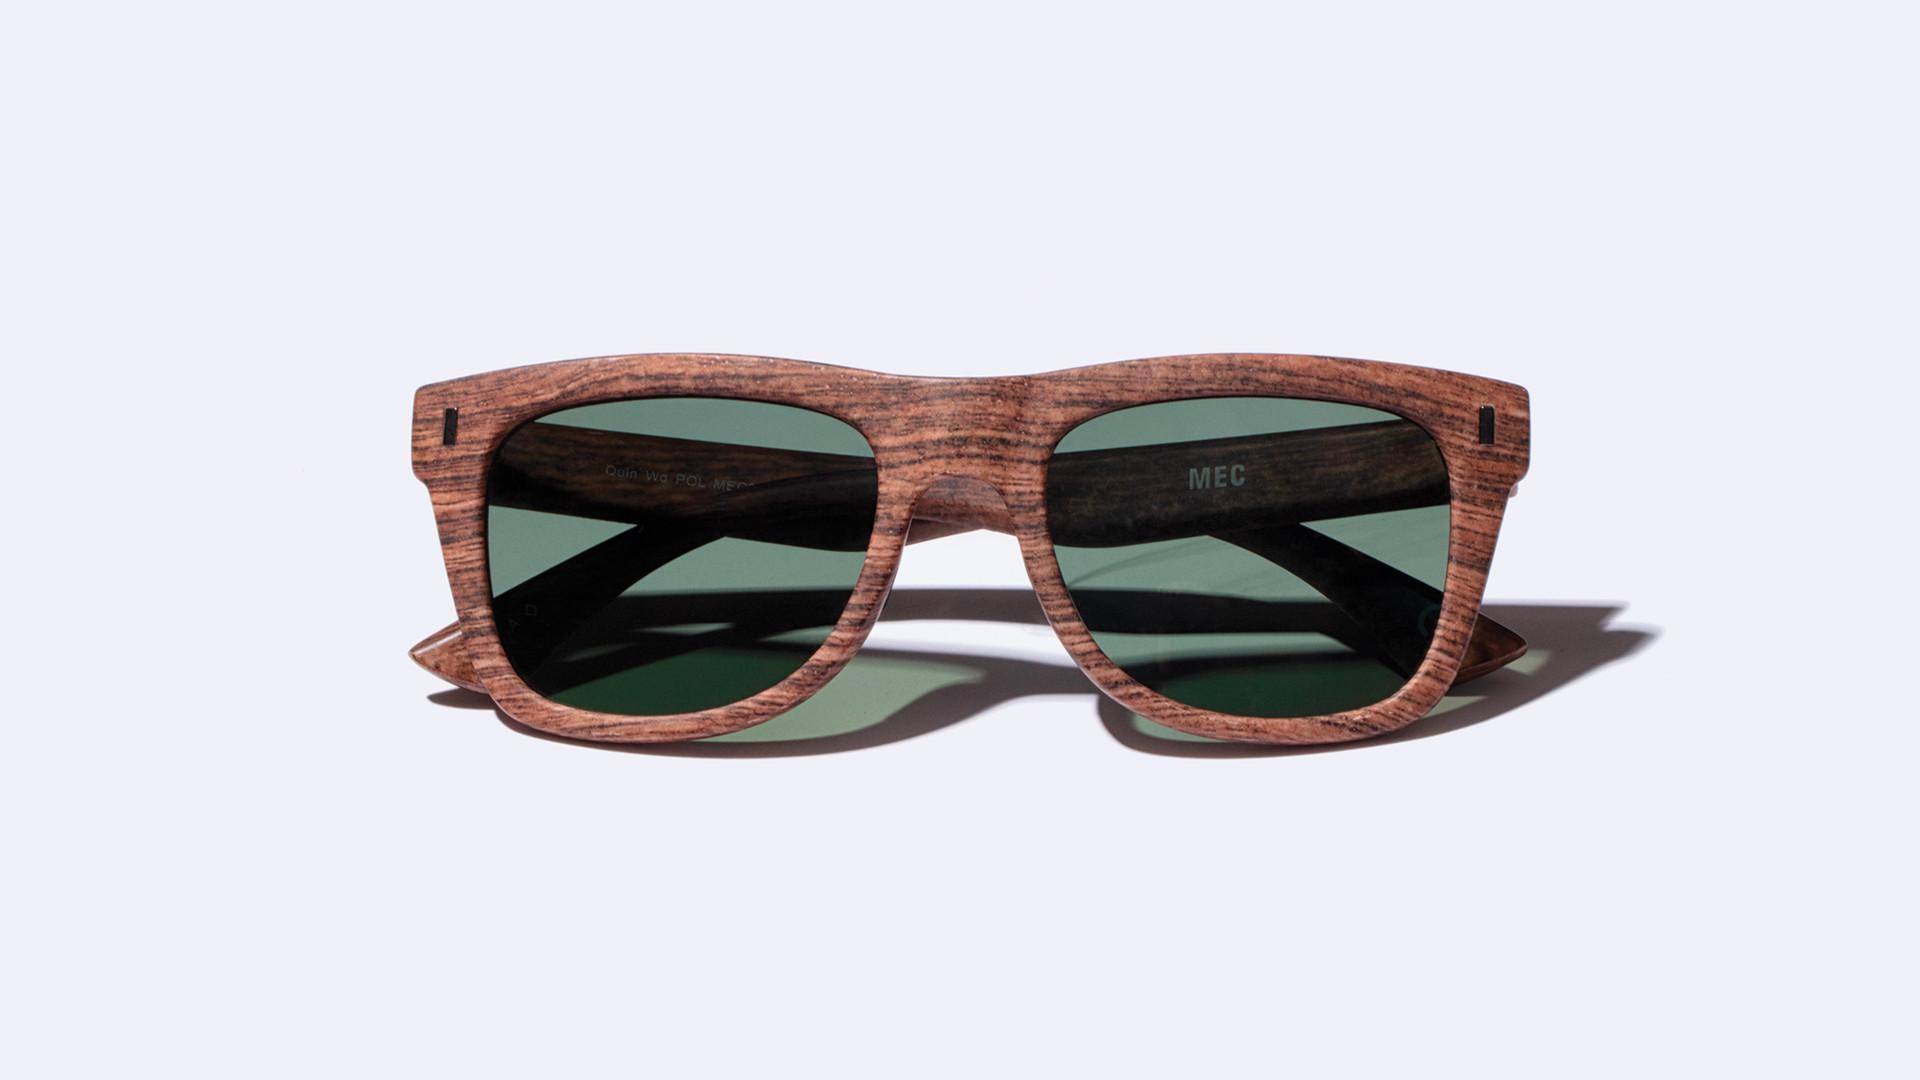 MEC Quin polarized sunglasses